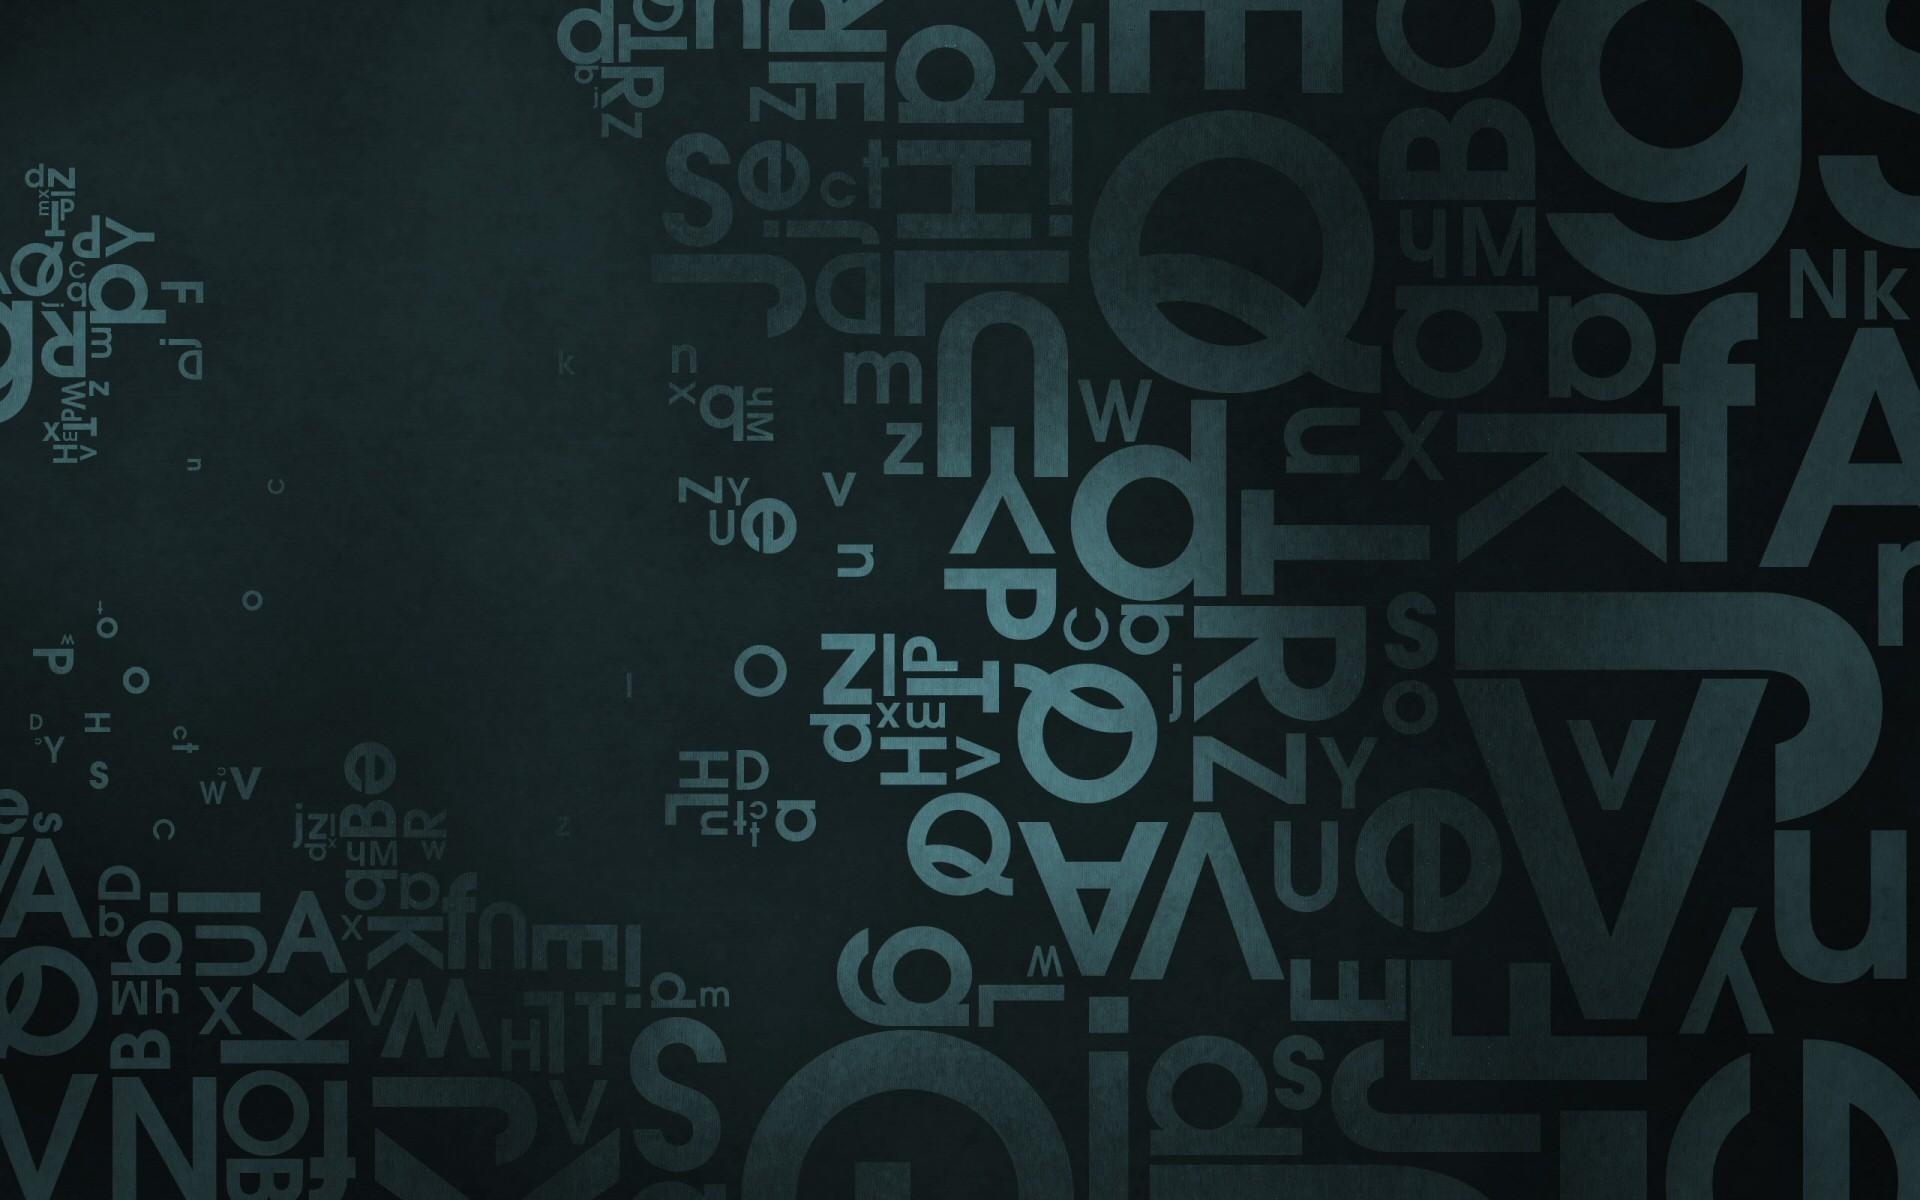 1920x1200 Letters Desktop Wallpaper 51099